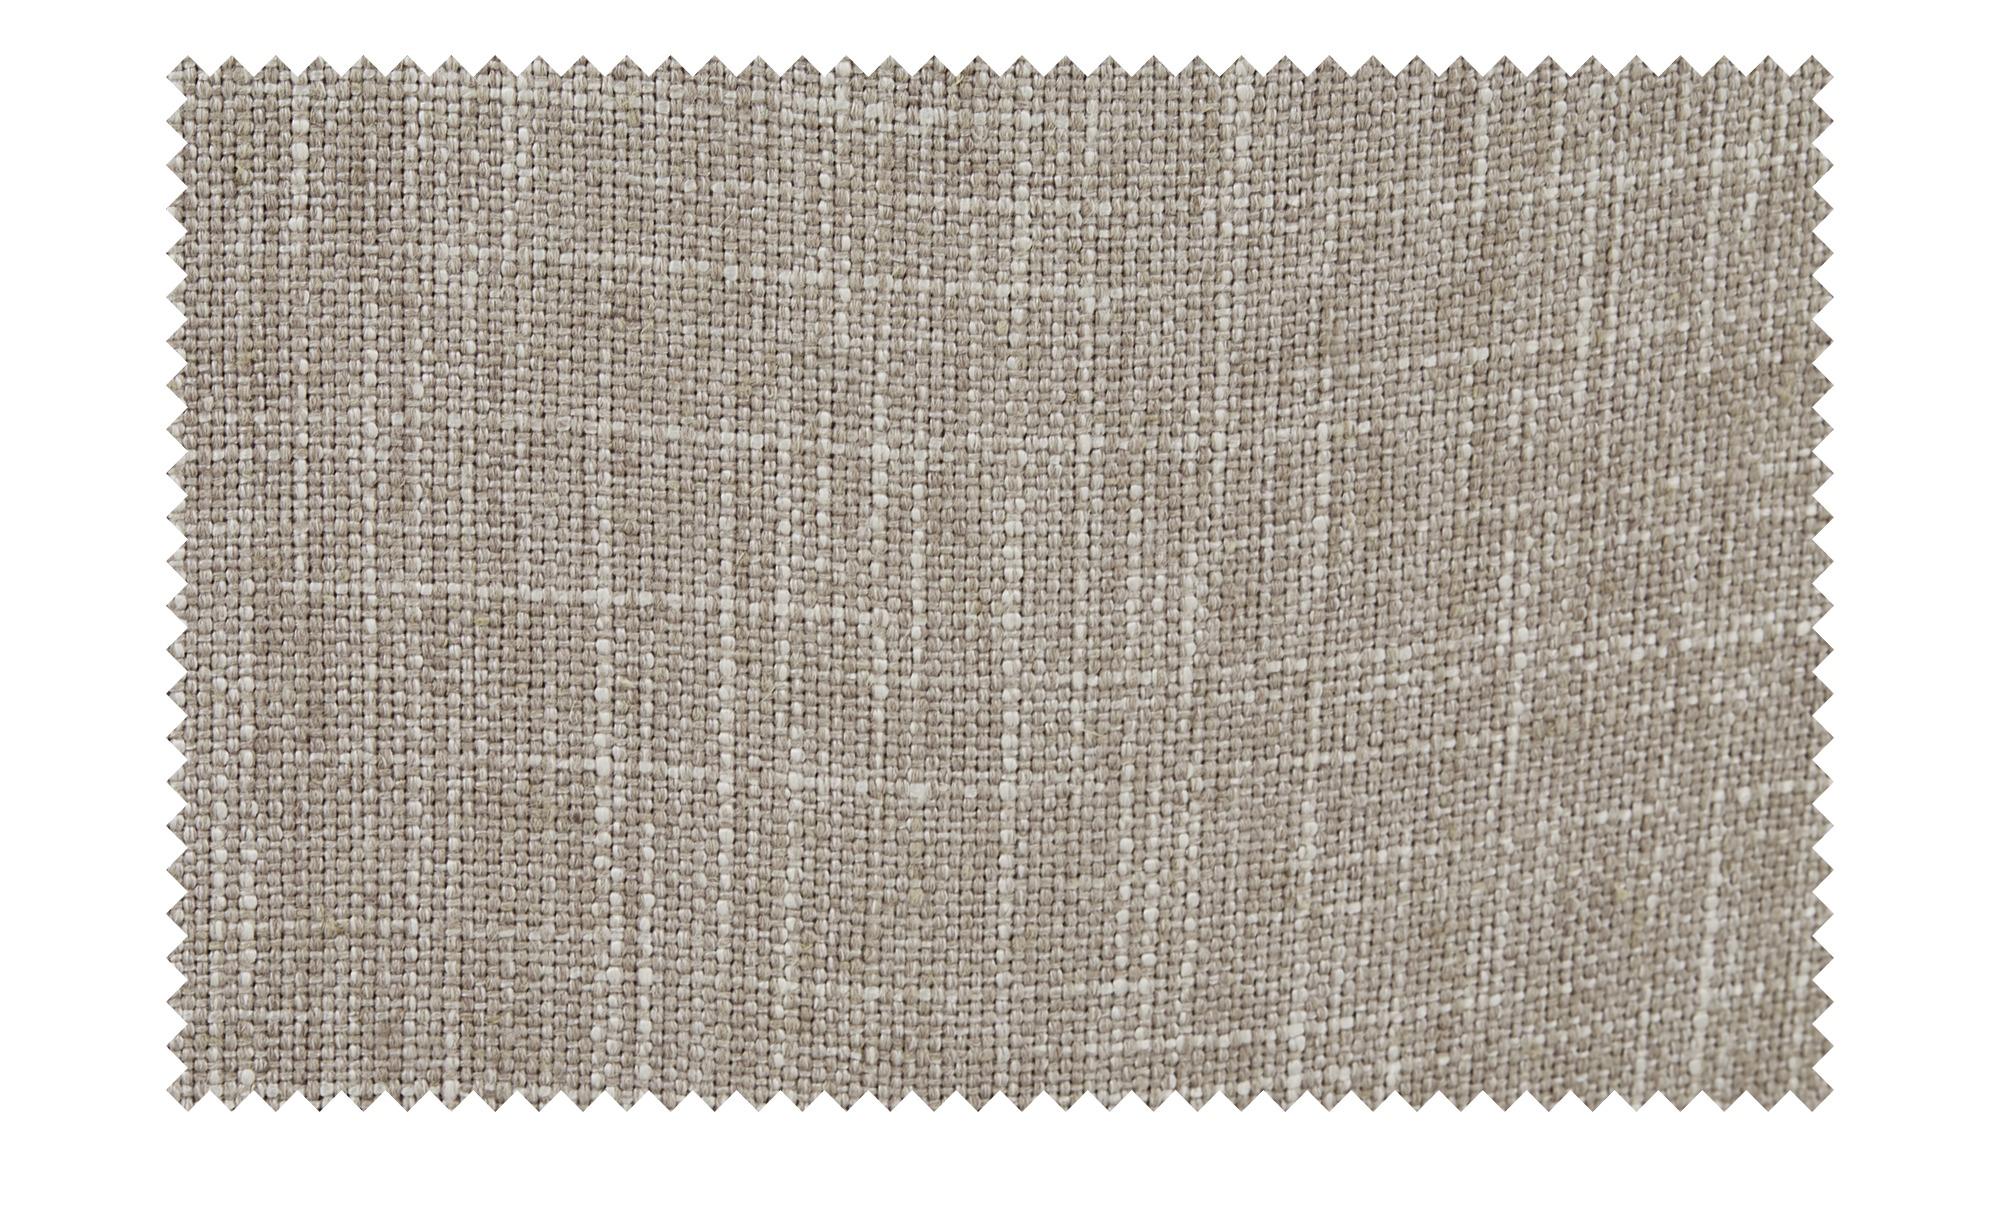 Schaukelsessel - grau - 63 cm - 84 cm - 72 cm - Stühle > Esszimmerstühle - Möbel Kraft   Wohnzimmer > Sessel > Schaukelsessel   Möbel Kraft